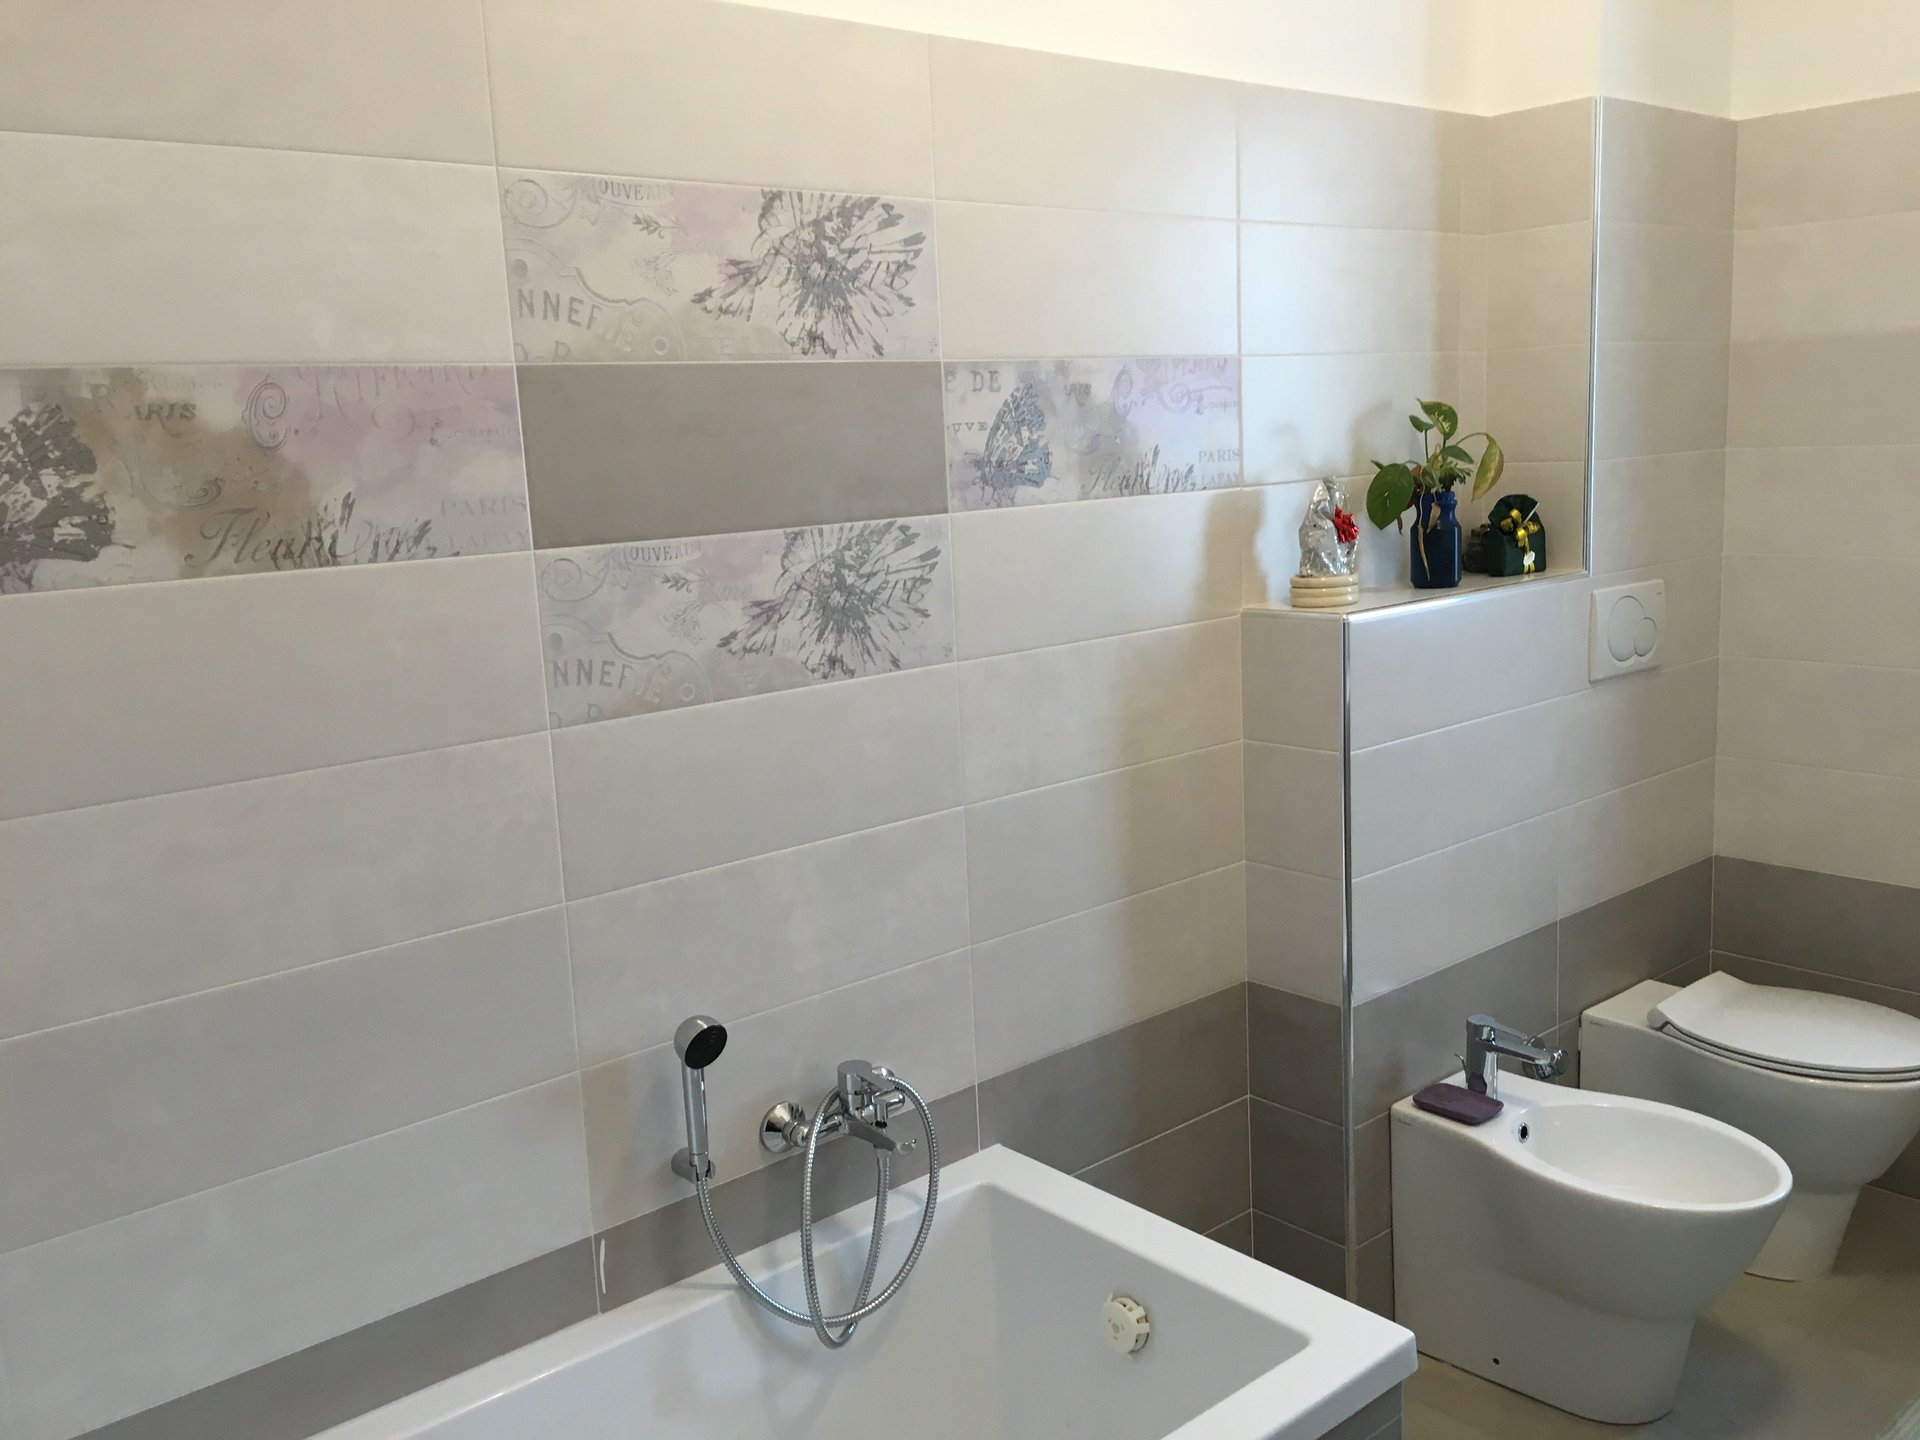 Vasca Da Bagno Con Muretto : Ristruttrazione alloggi e bagni arredo bagno pavimenti nichelino